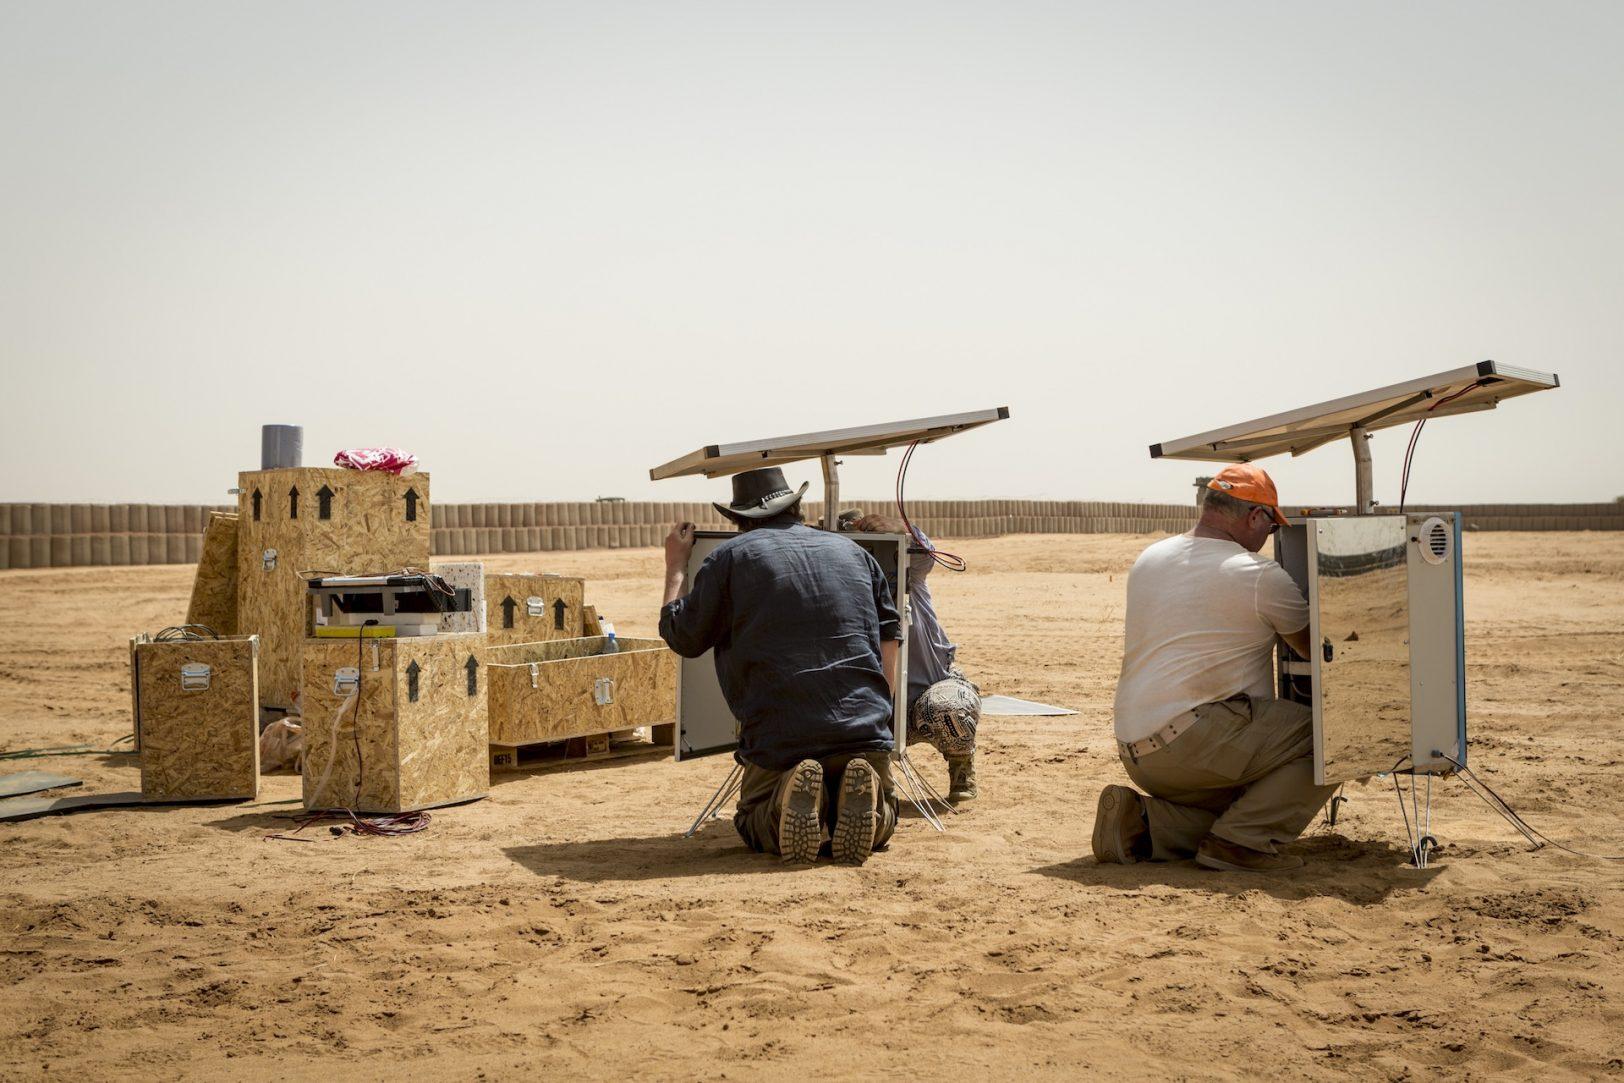 Wasser in der Wüste - TheMan